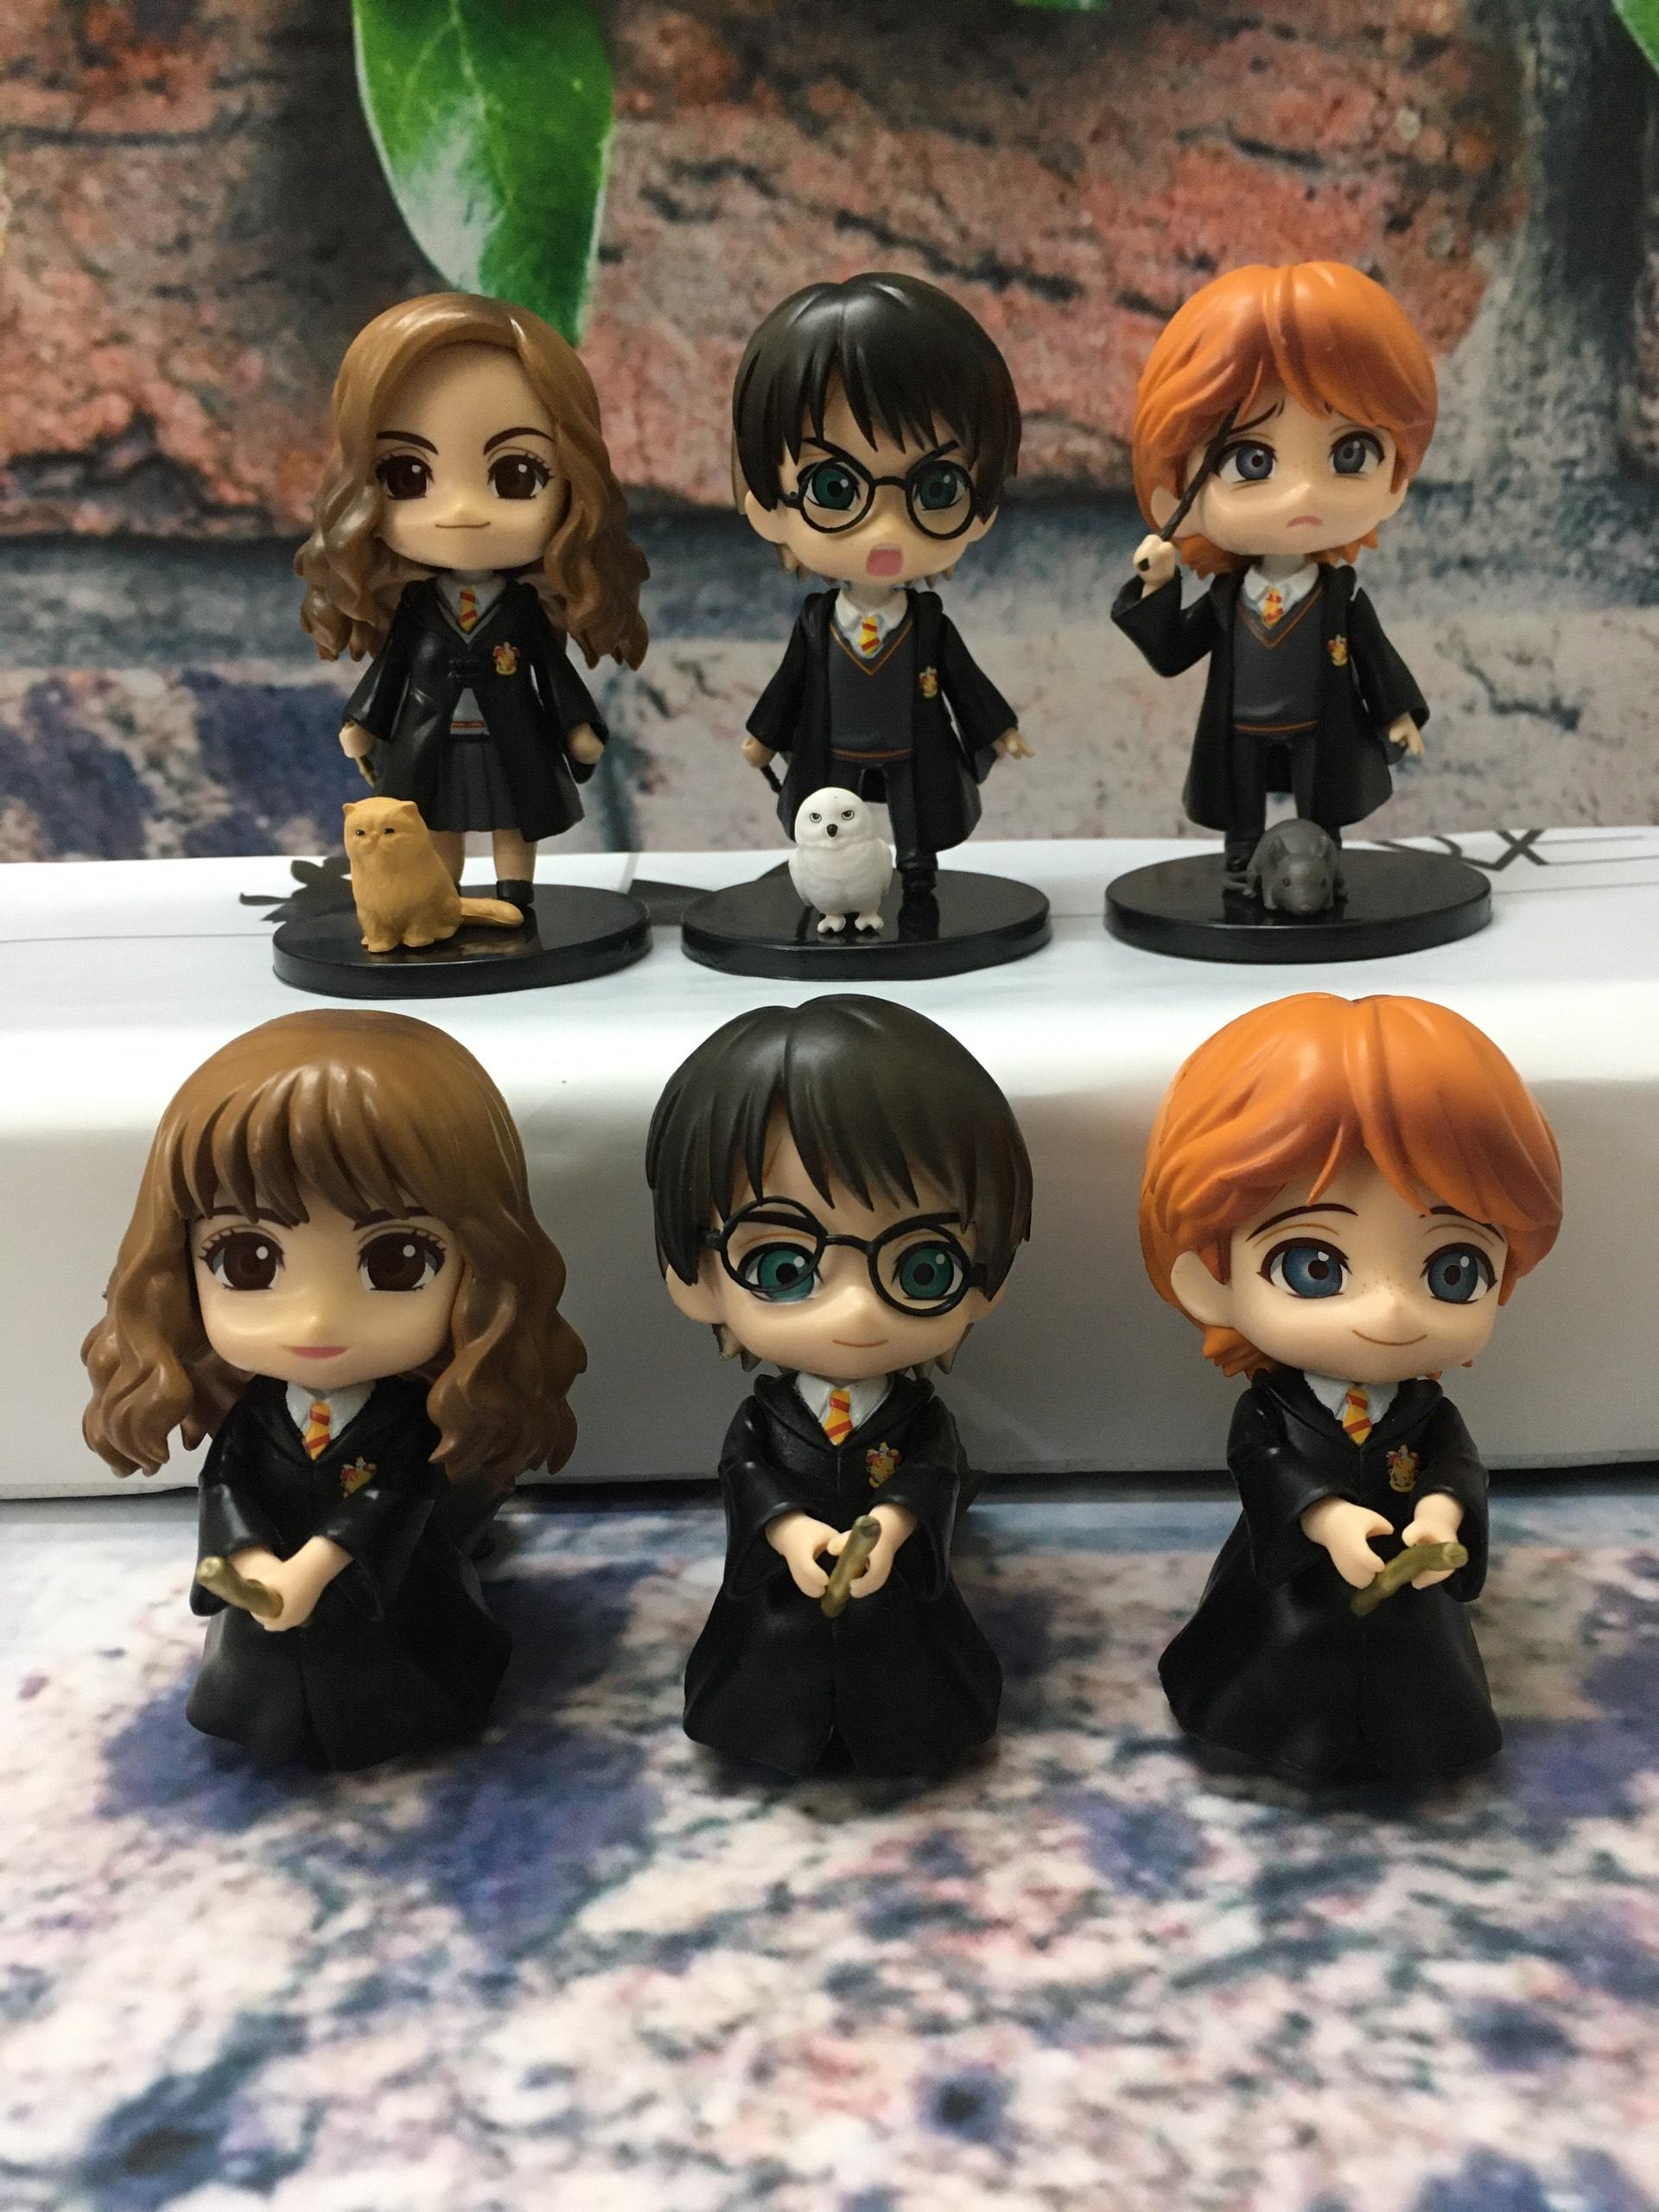 Bộ Sưu Tập Mô hình để bàn 6 nhân vật Harry Potter phong cách Chibi siêu đáng yêu, cao 9-10cm, cử động được khớp tay